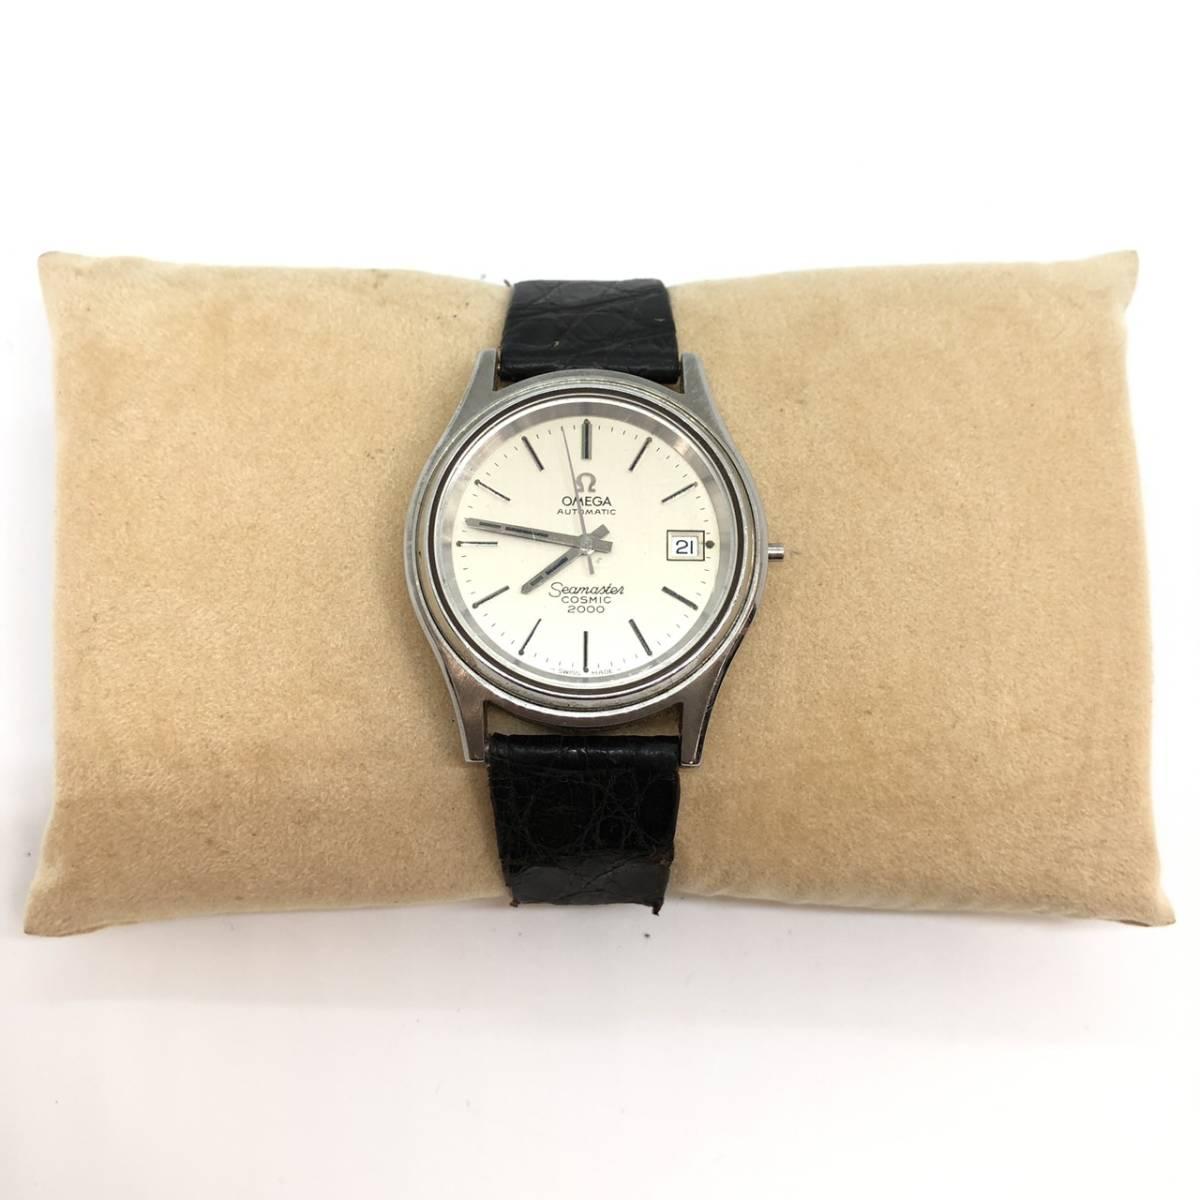 オメガ シーマスター コスミック 2000 OMEGA Sea Master COSMIC 2000 自動巻 デイト 腕時計